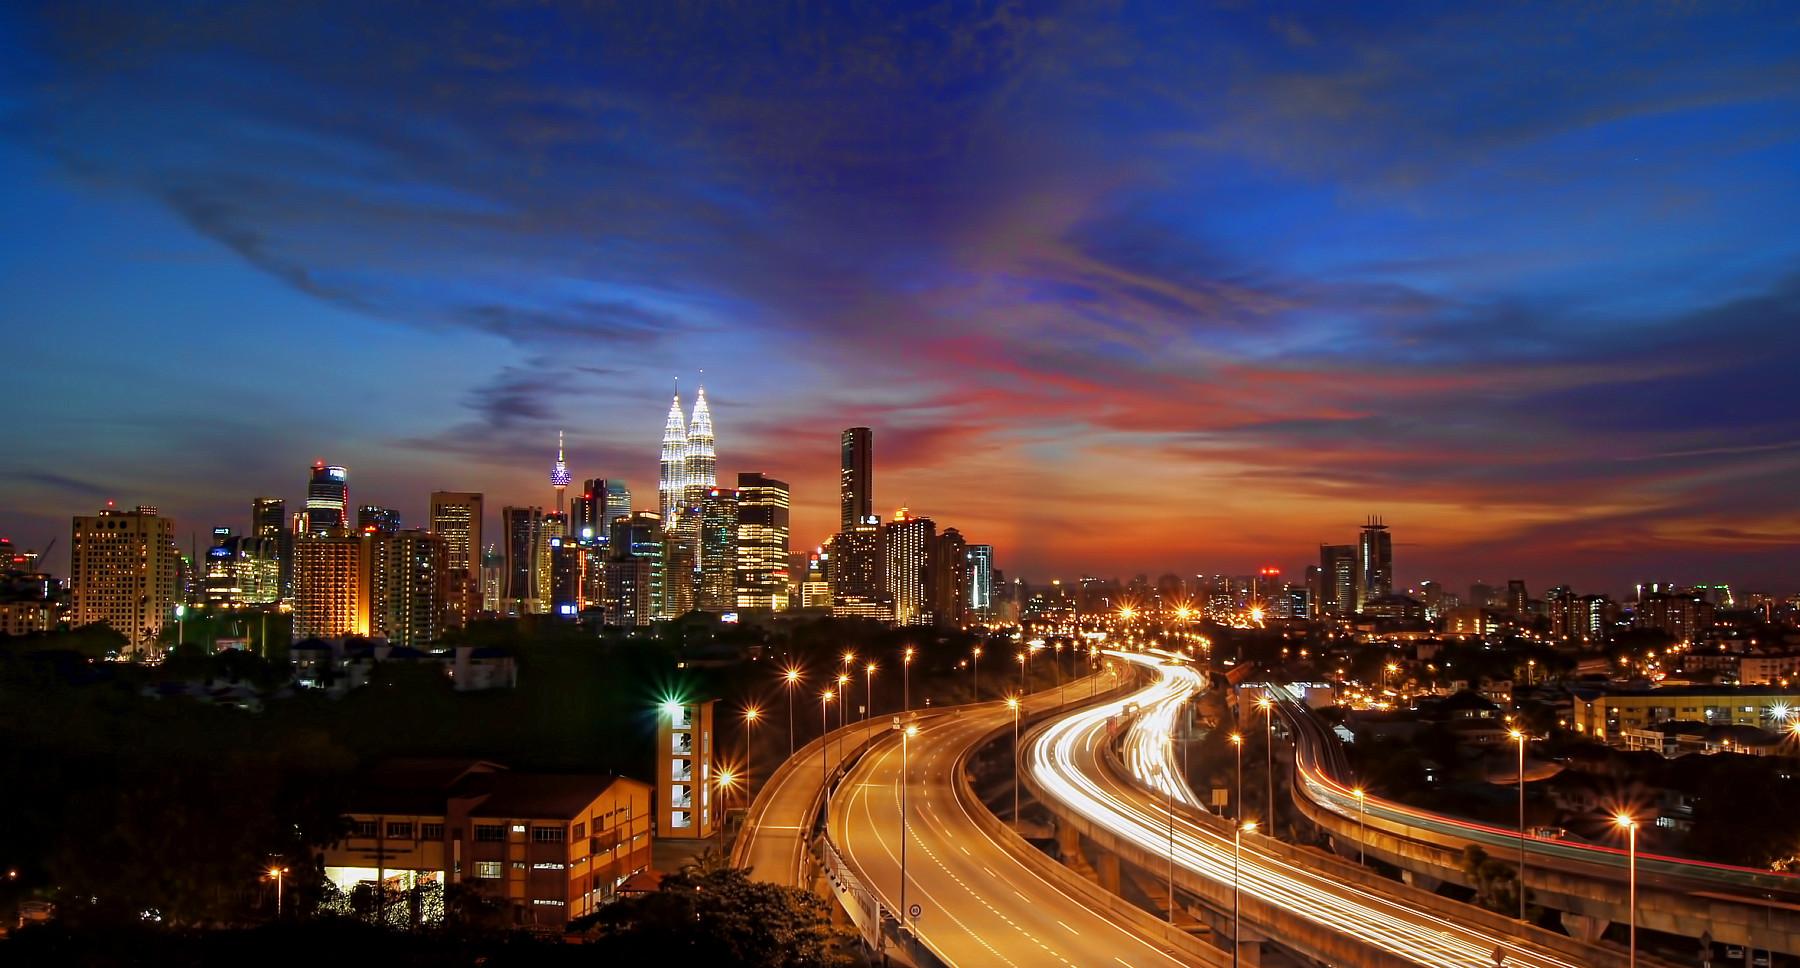 Kuala Lumpur at sunset.........